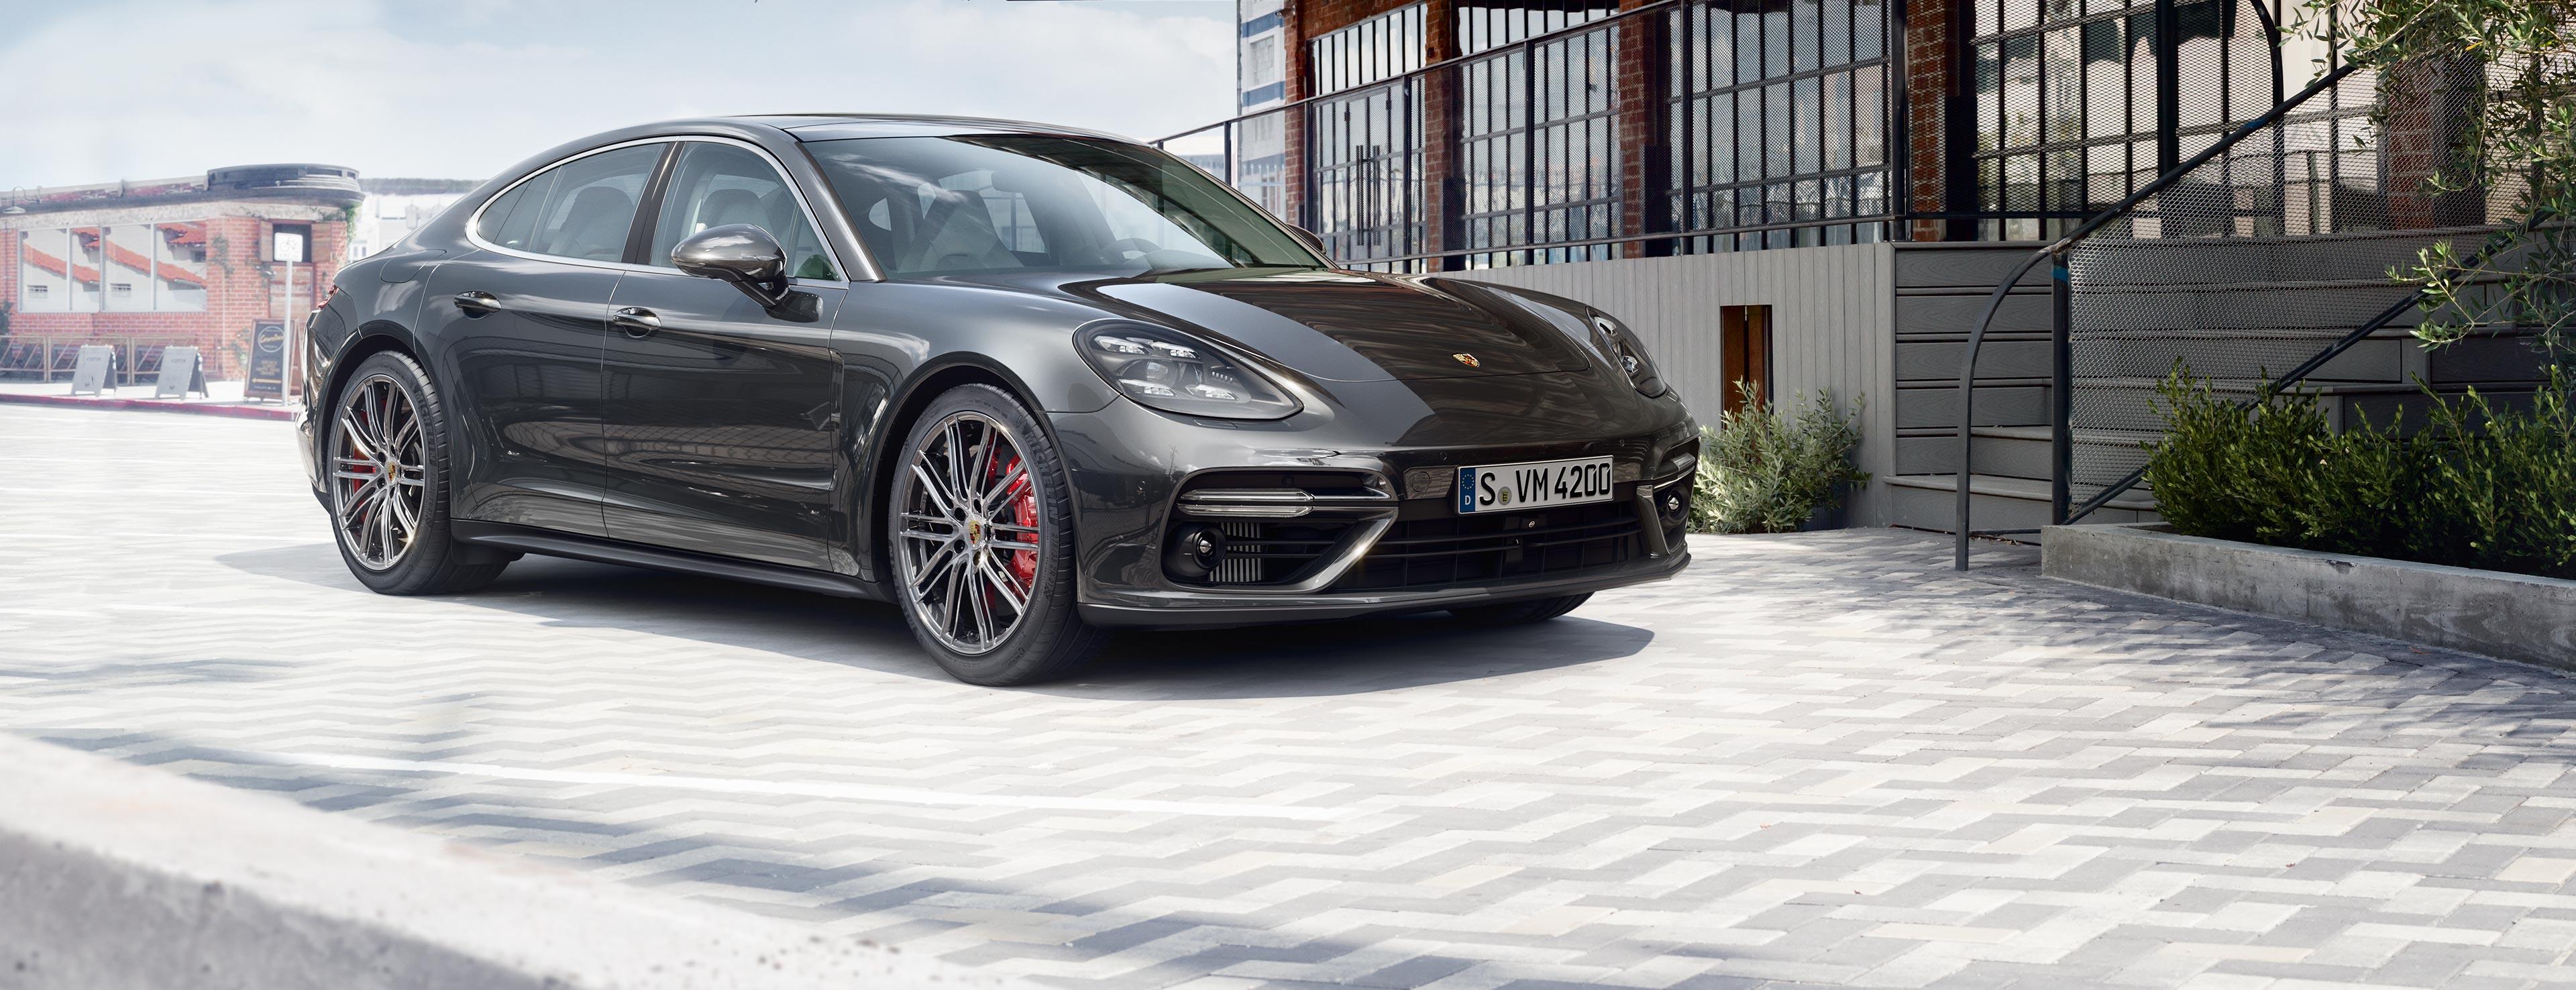 Nowe Porsche Panamera. - Odwaga. To, co wyróżnia zwycięzców.